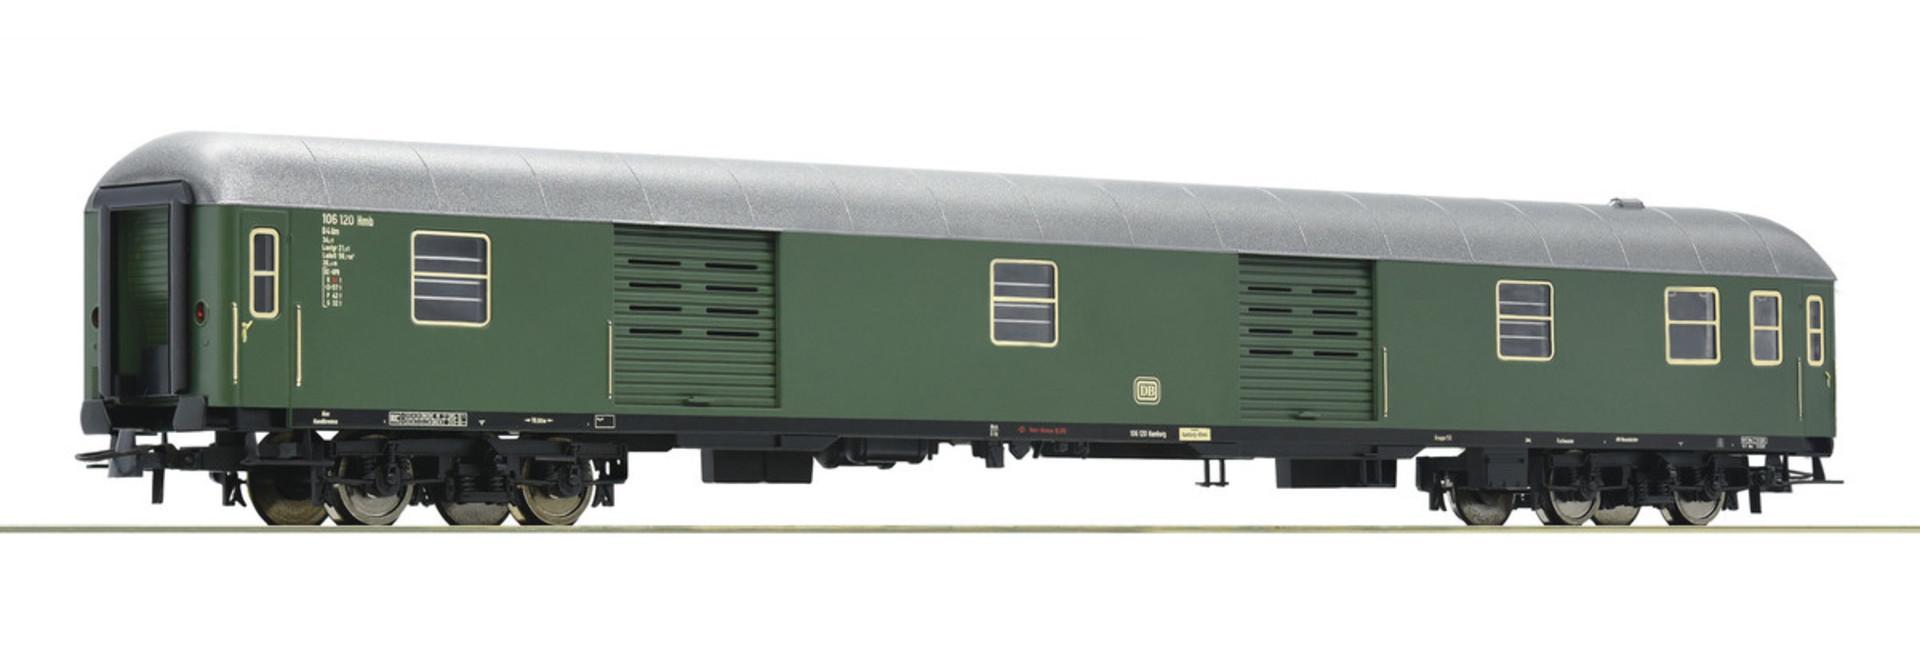 D-Zug Packwagen grün